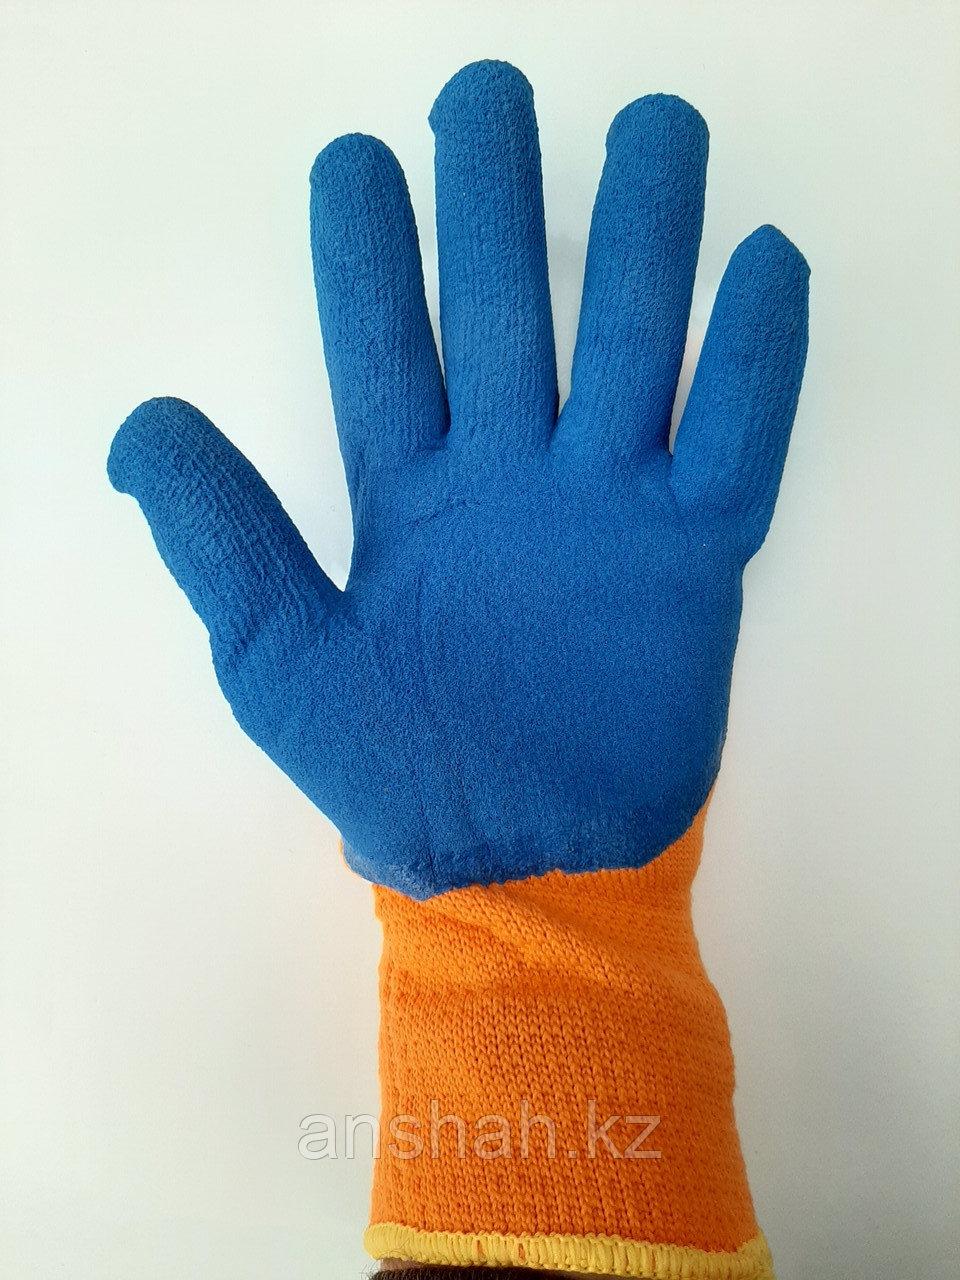 Прорезиненные плотные перчатки оранжевые  300#  оригинал  полный облив